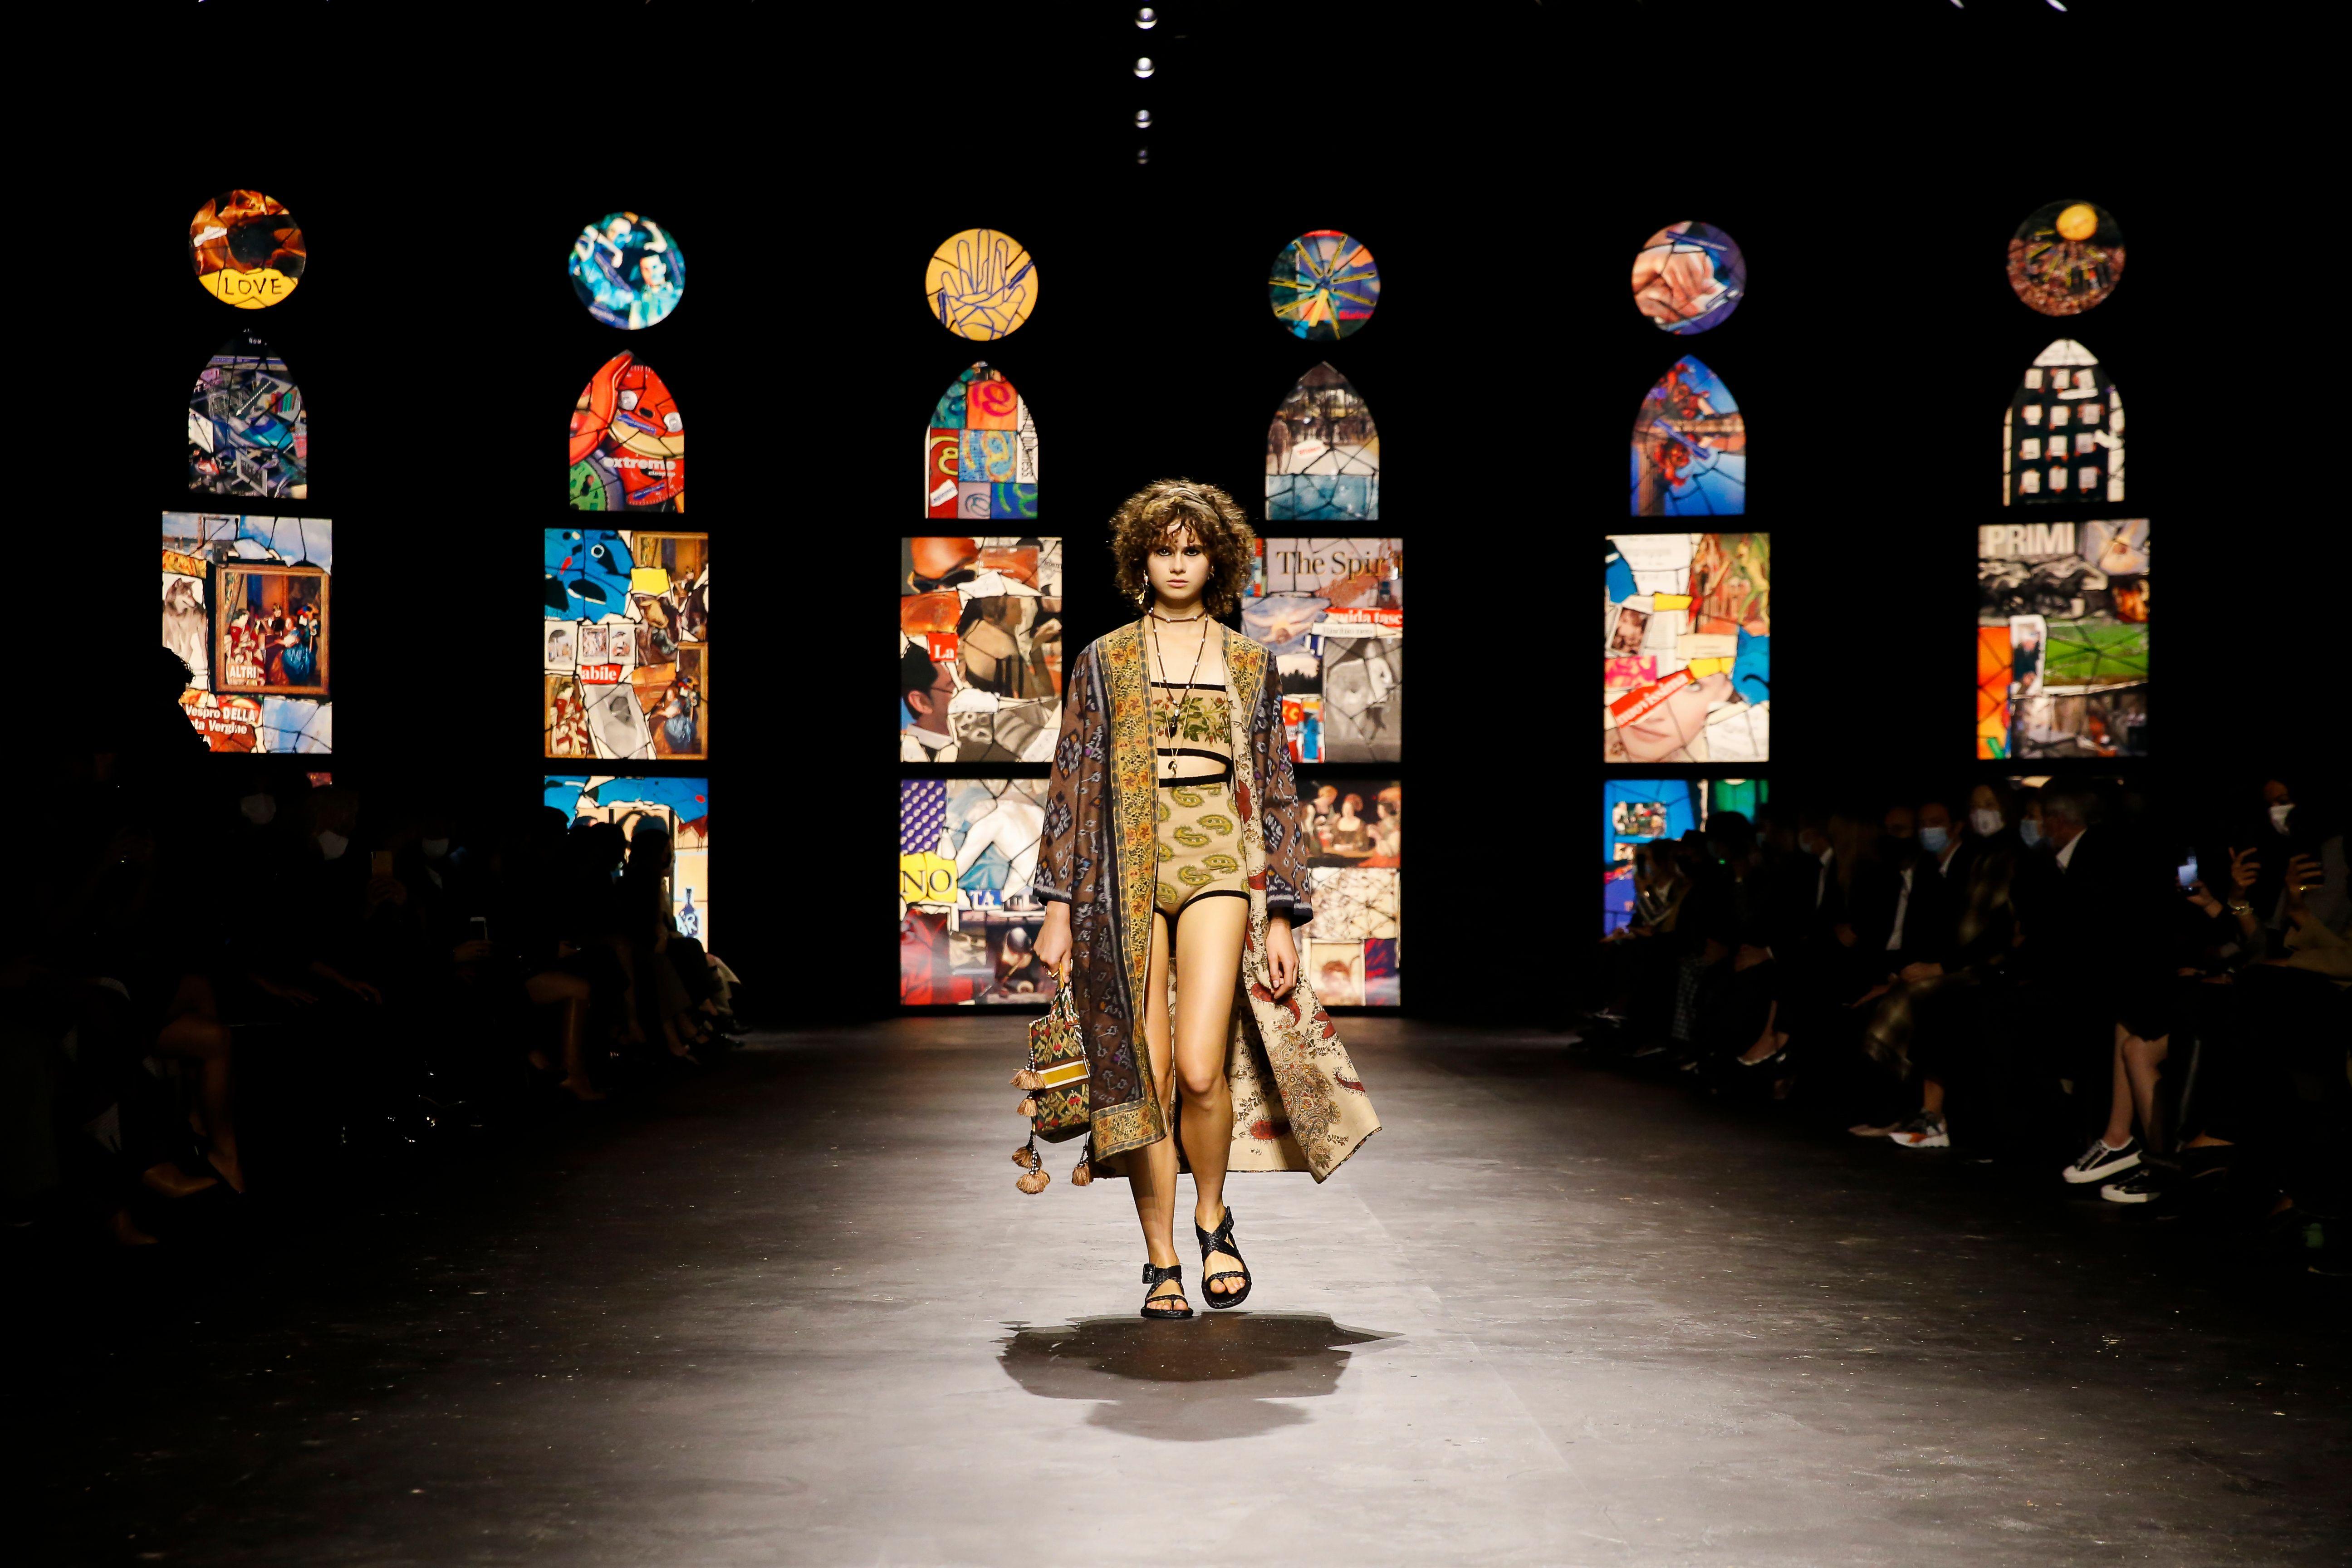 Para Primavera Verano 2021 Dior Vuelve A Demostrar El Poder Y La Fuerza De La Mujer Contemporanea Grazia Mexico Y Latinoamerica